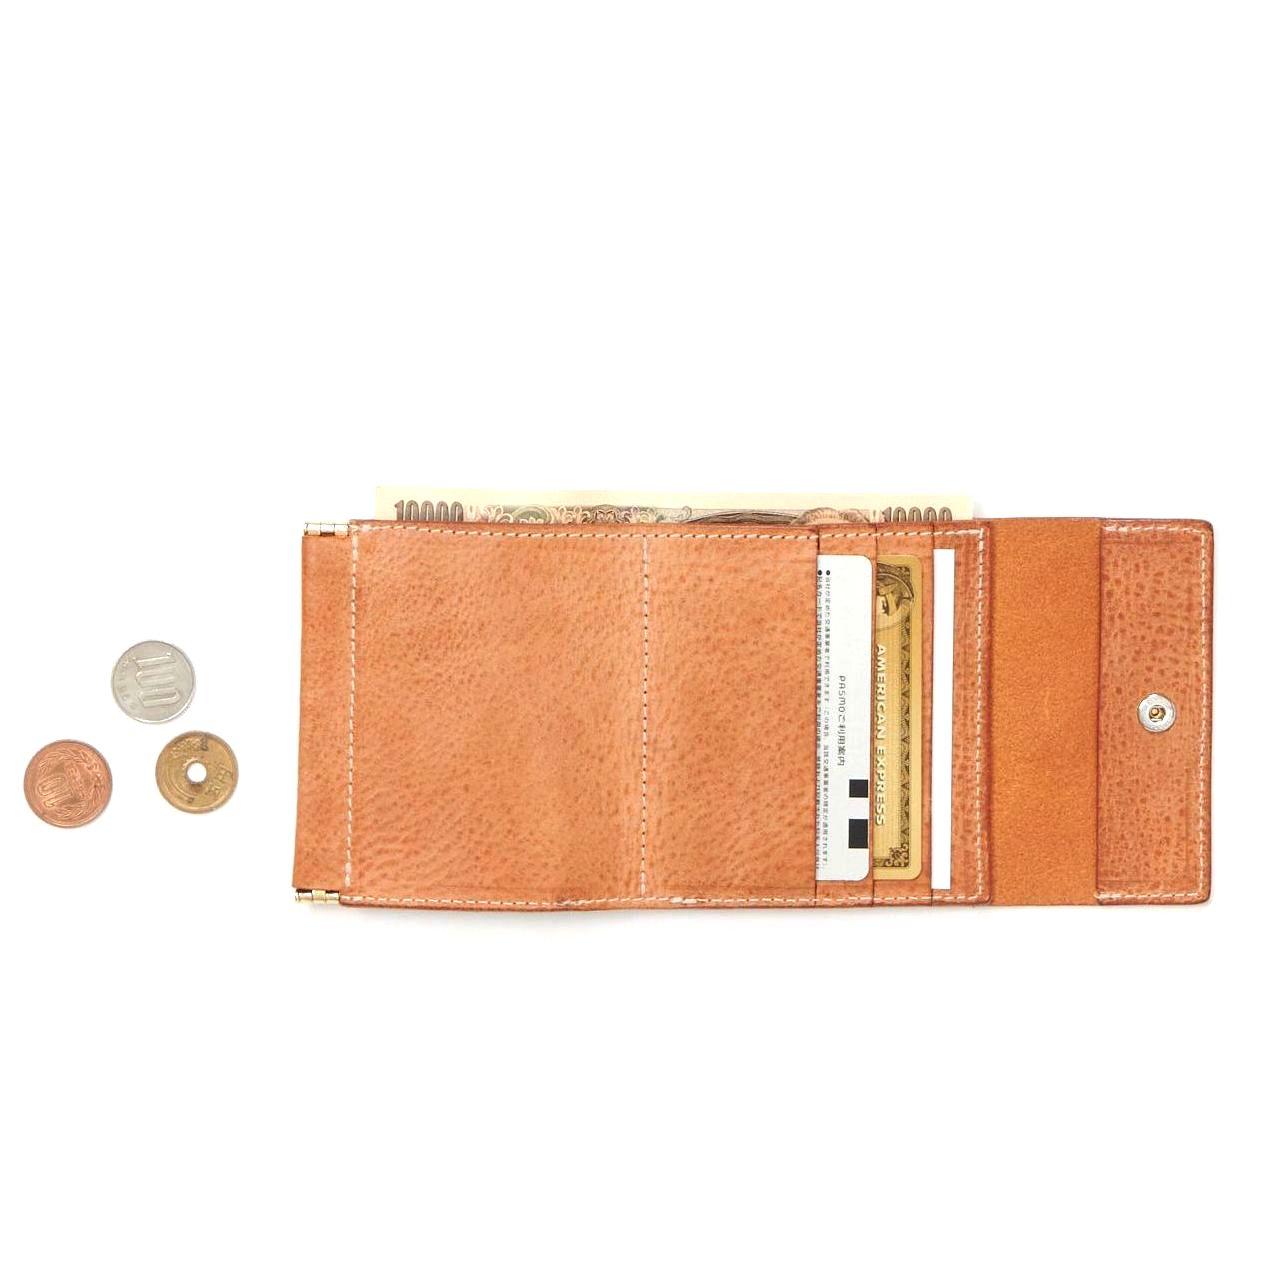 Hender Scheme / clasp wallet 収納イメージ